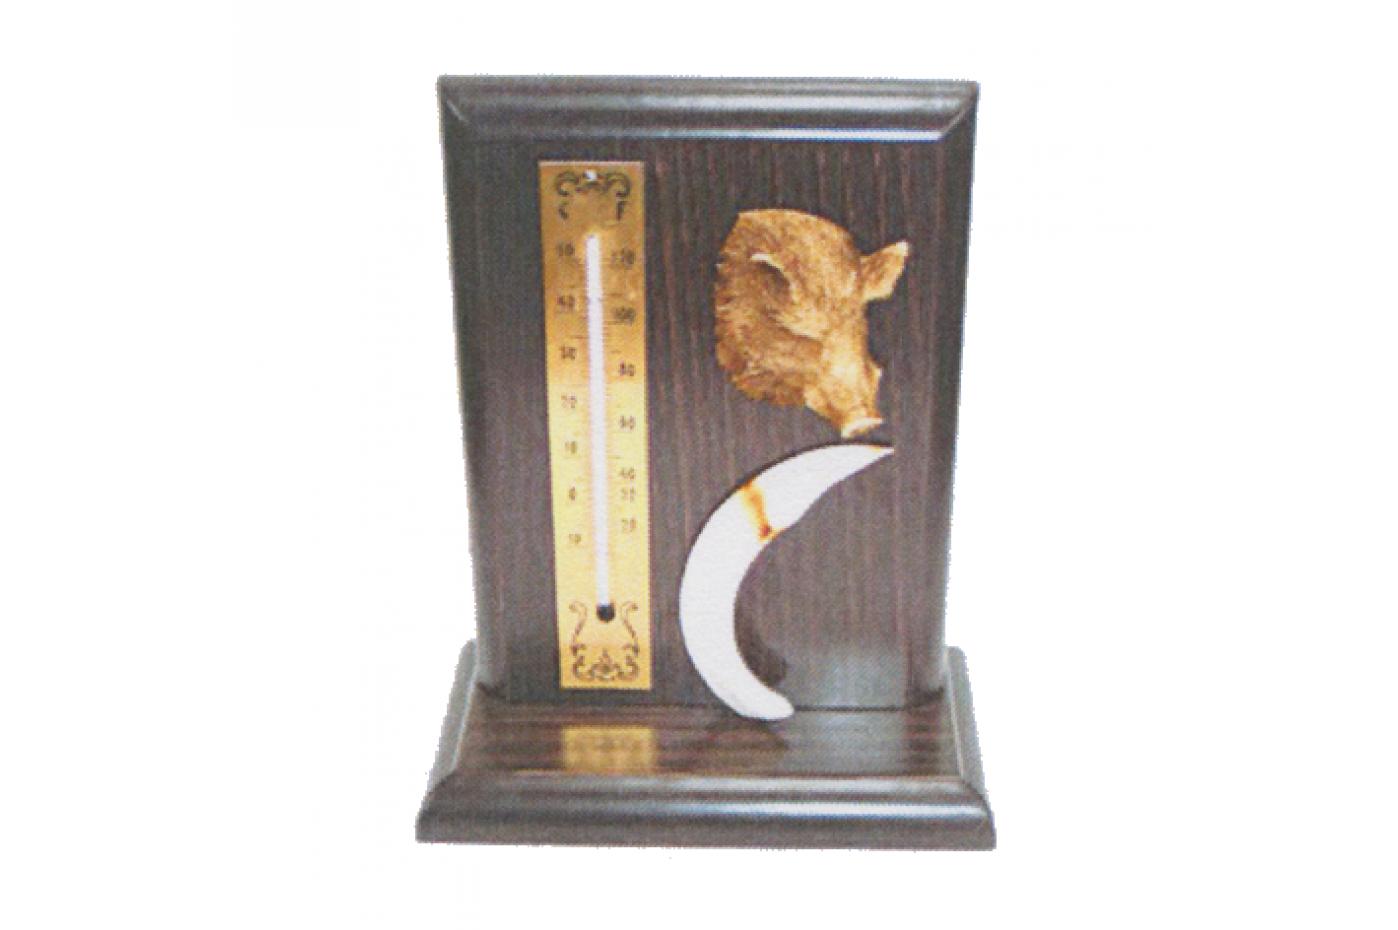 940821  Figura Trofeo Termometro Con Amoladera 23x17